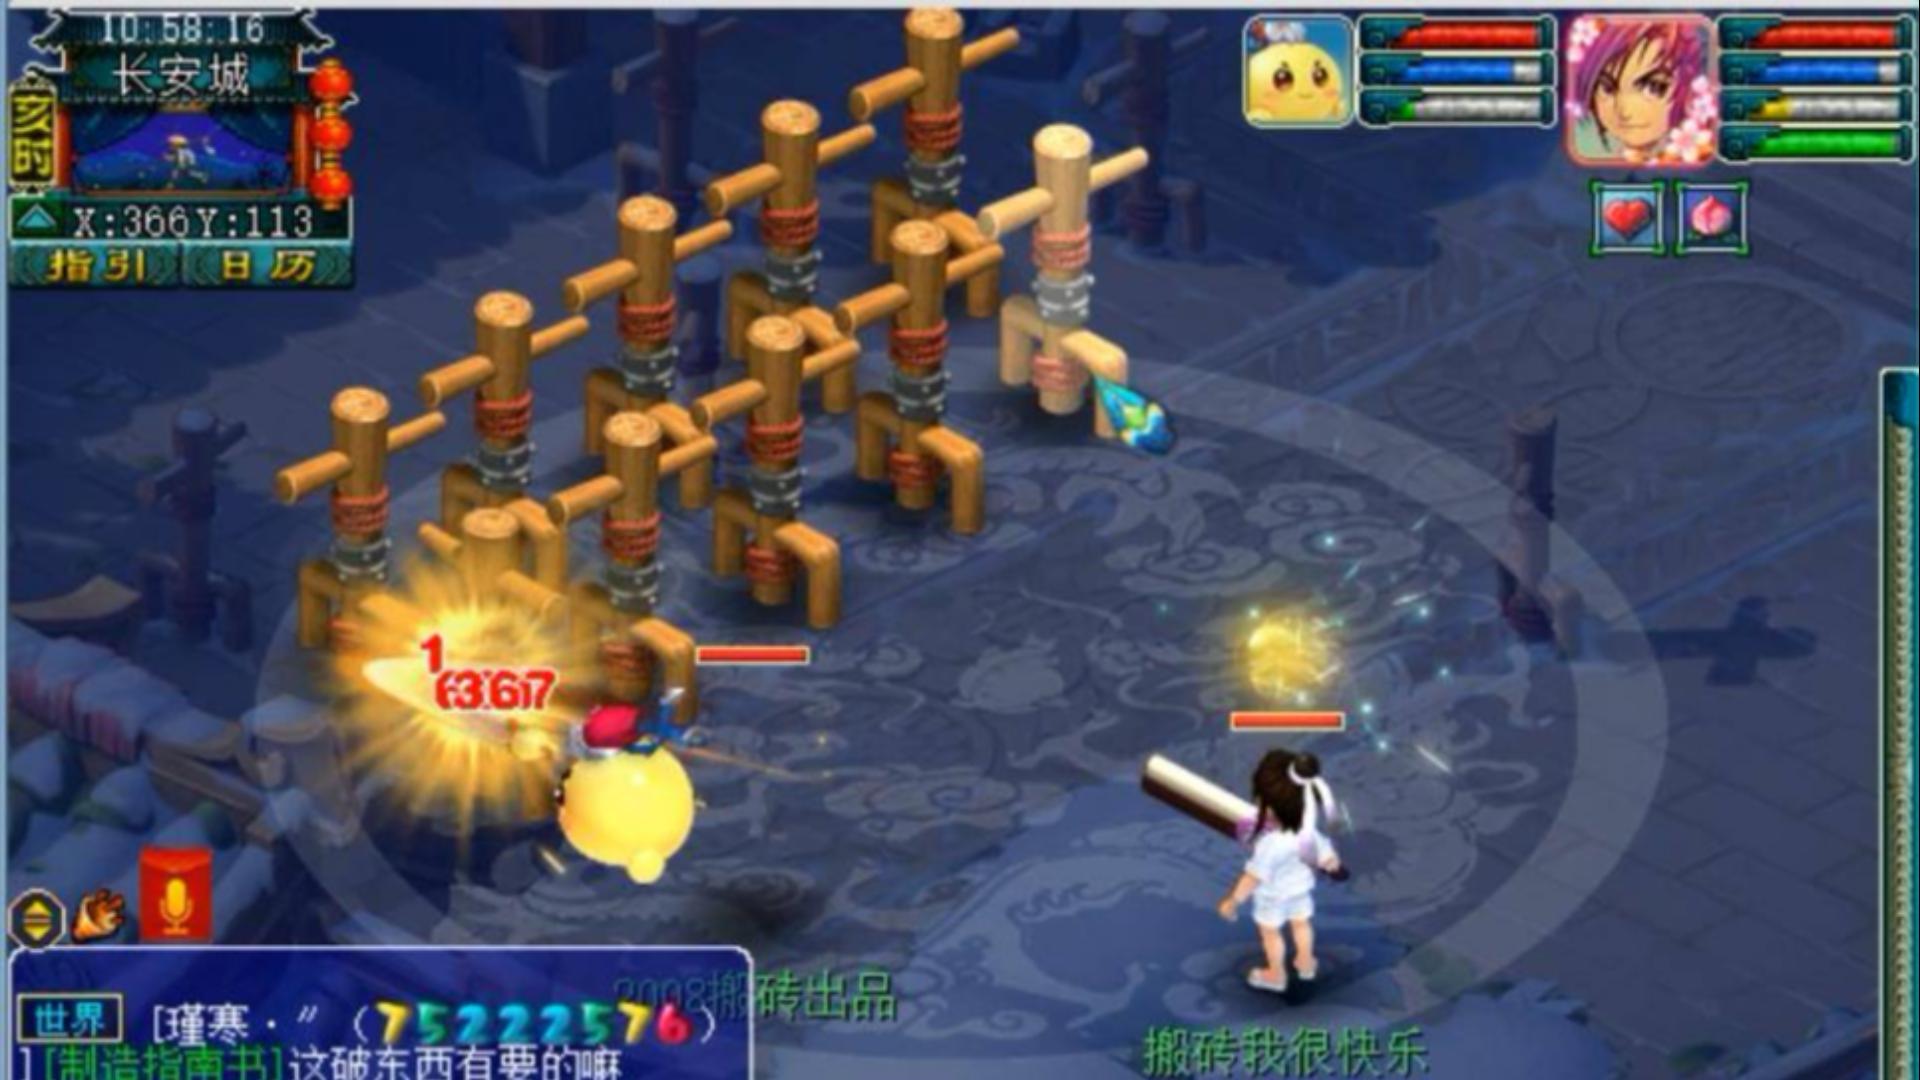 梦幻西游:老王拿8技能全红泡泡灵仙打木桩,看看新技能实不实用